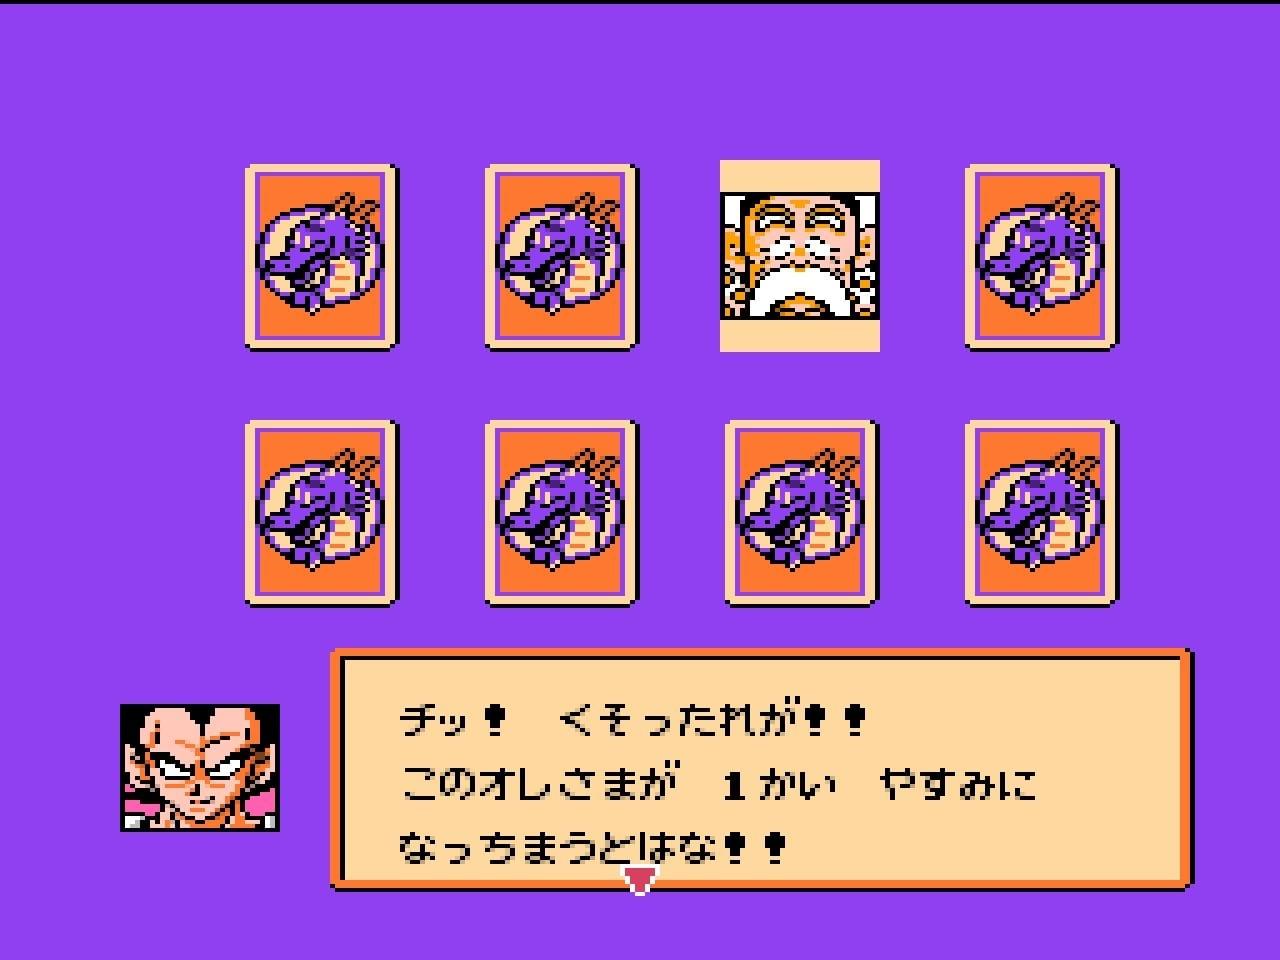 カード要素を取り入れた傑作、FC版『ドラゴンボールZII 激神フリーザ!!』が面白すぎた理由の画像003